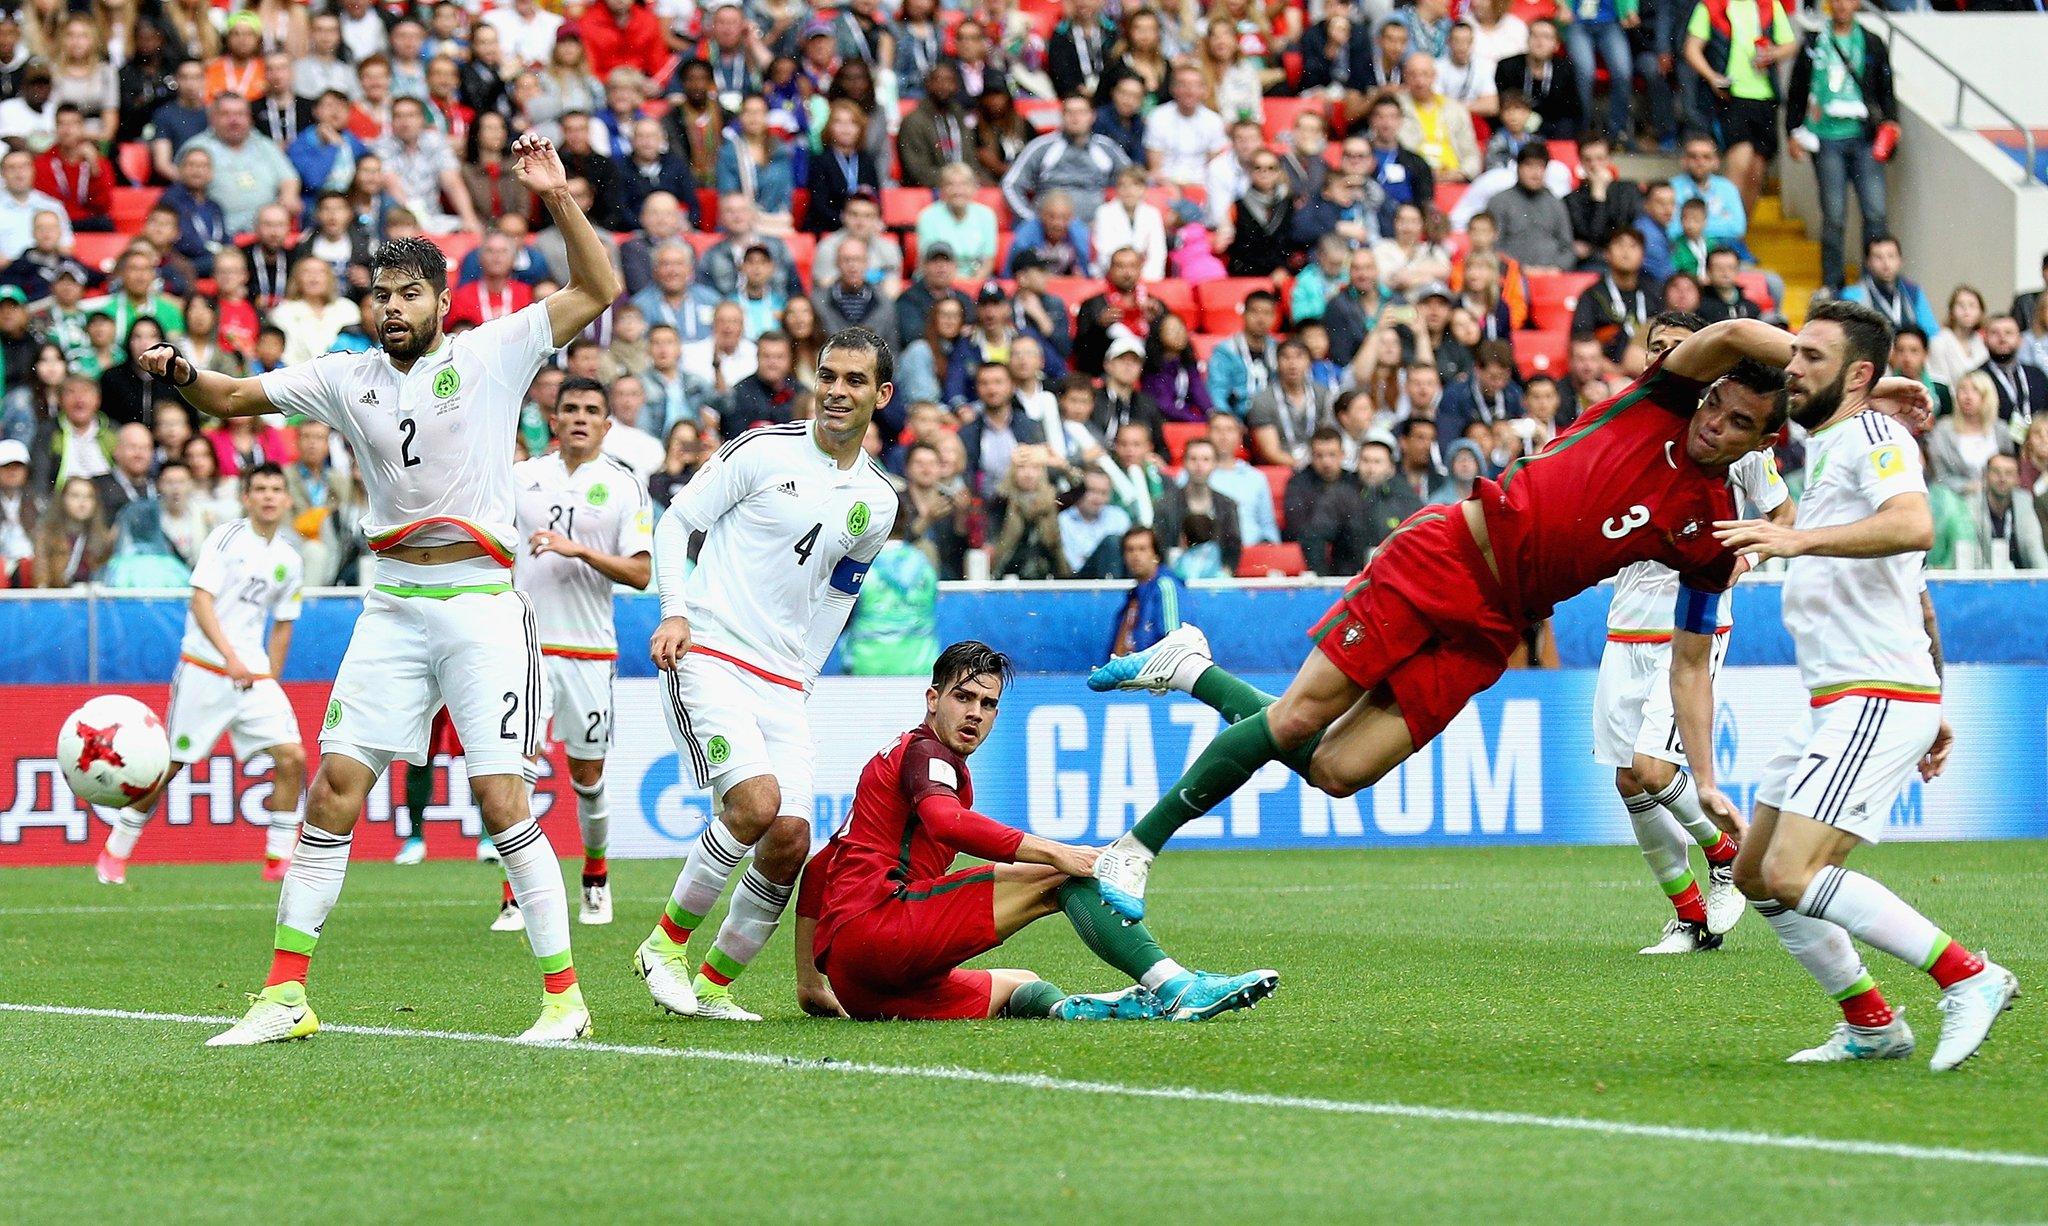 Португалия прогноз матча на сегодня мексика